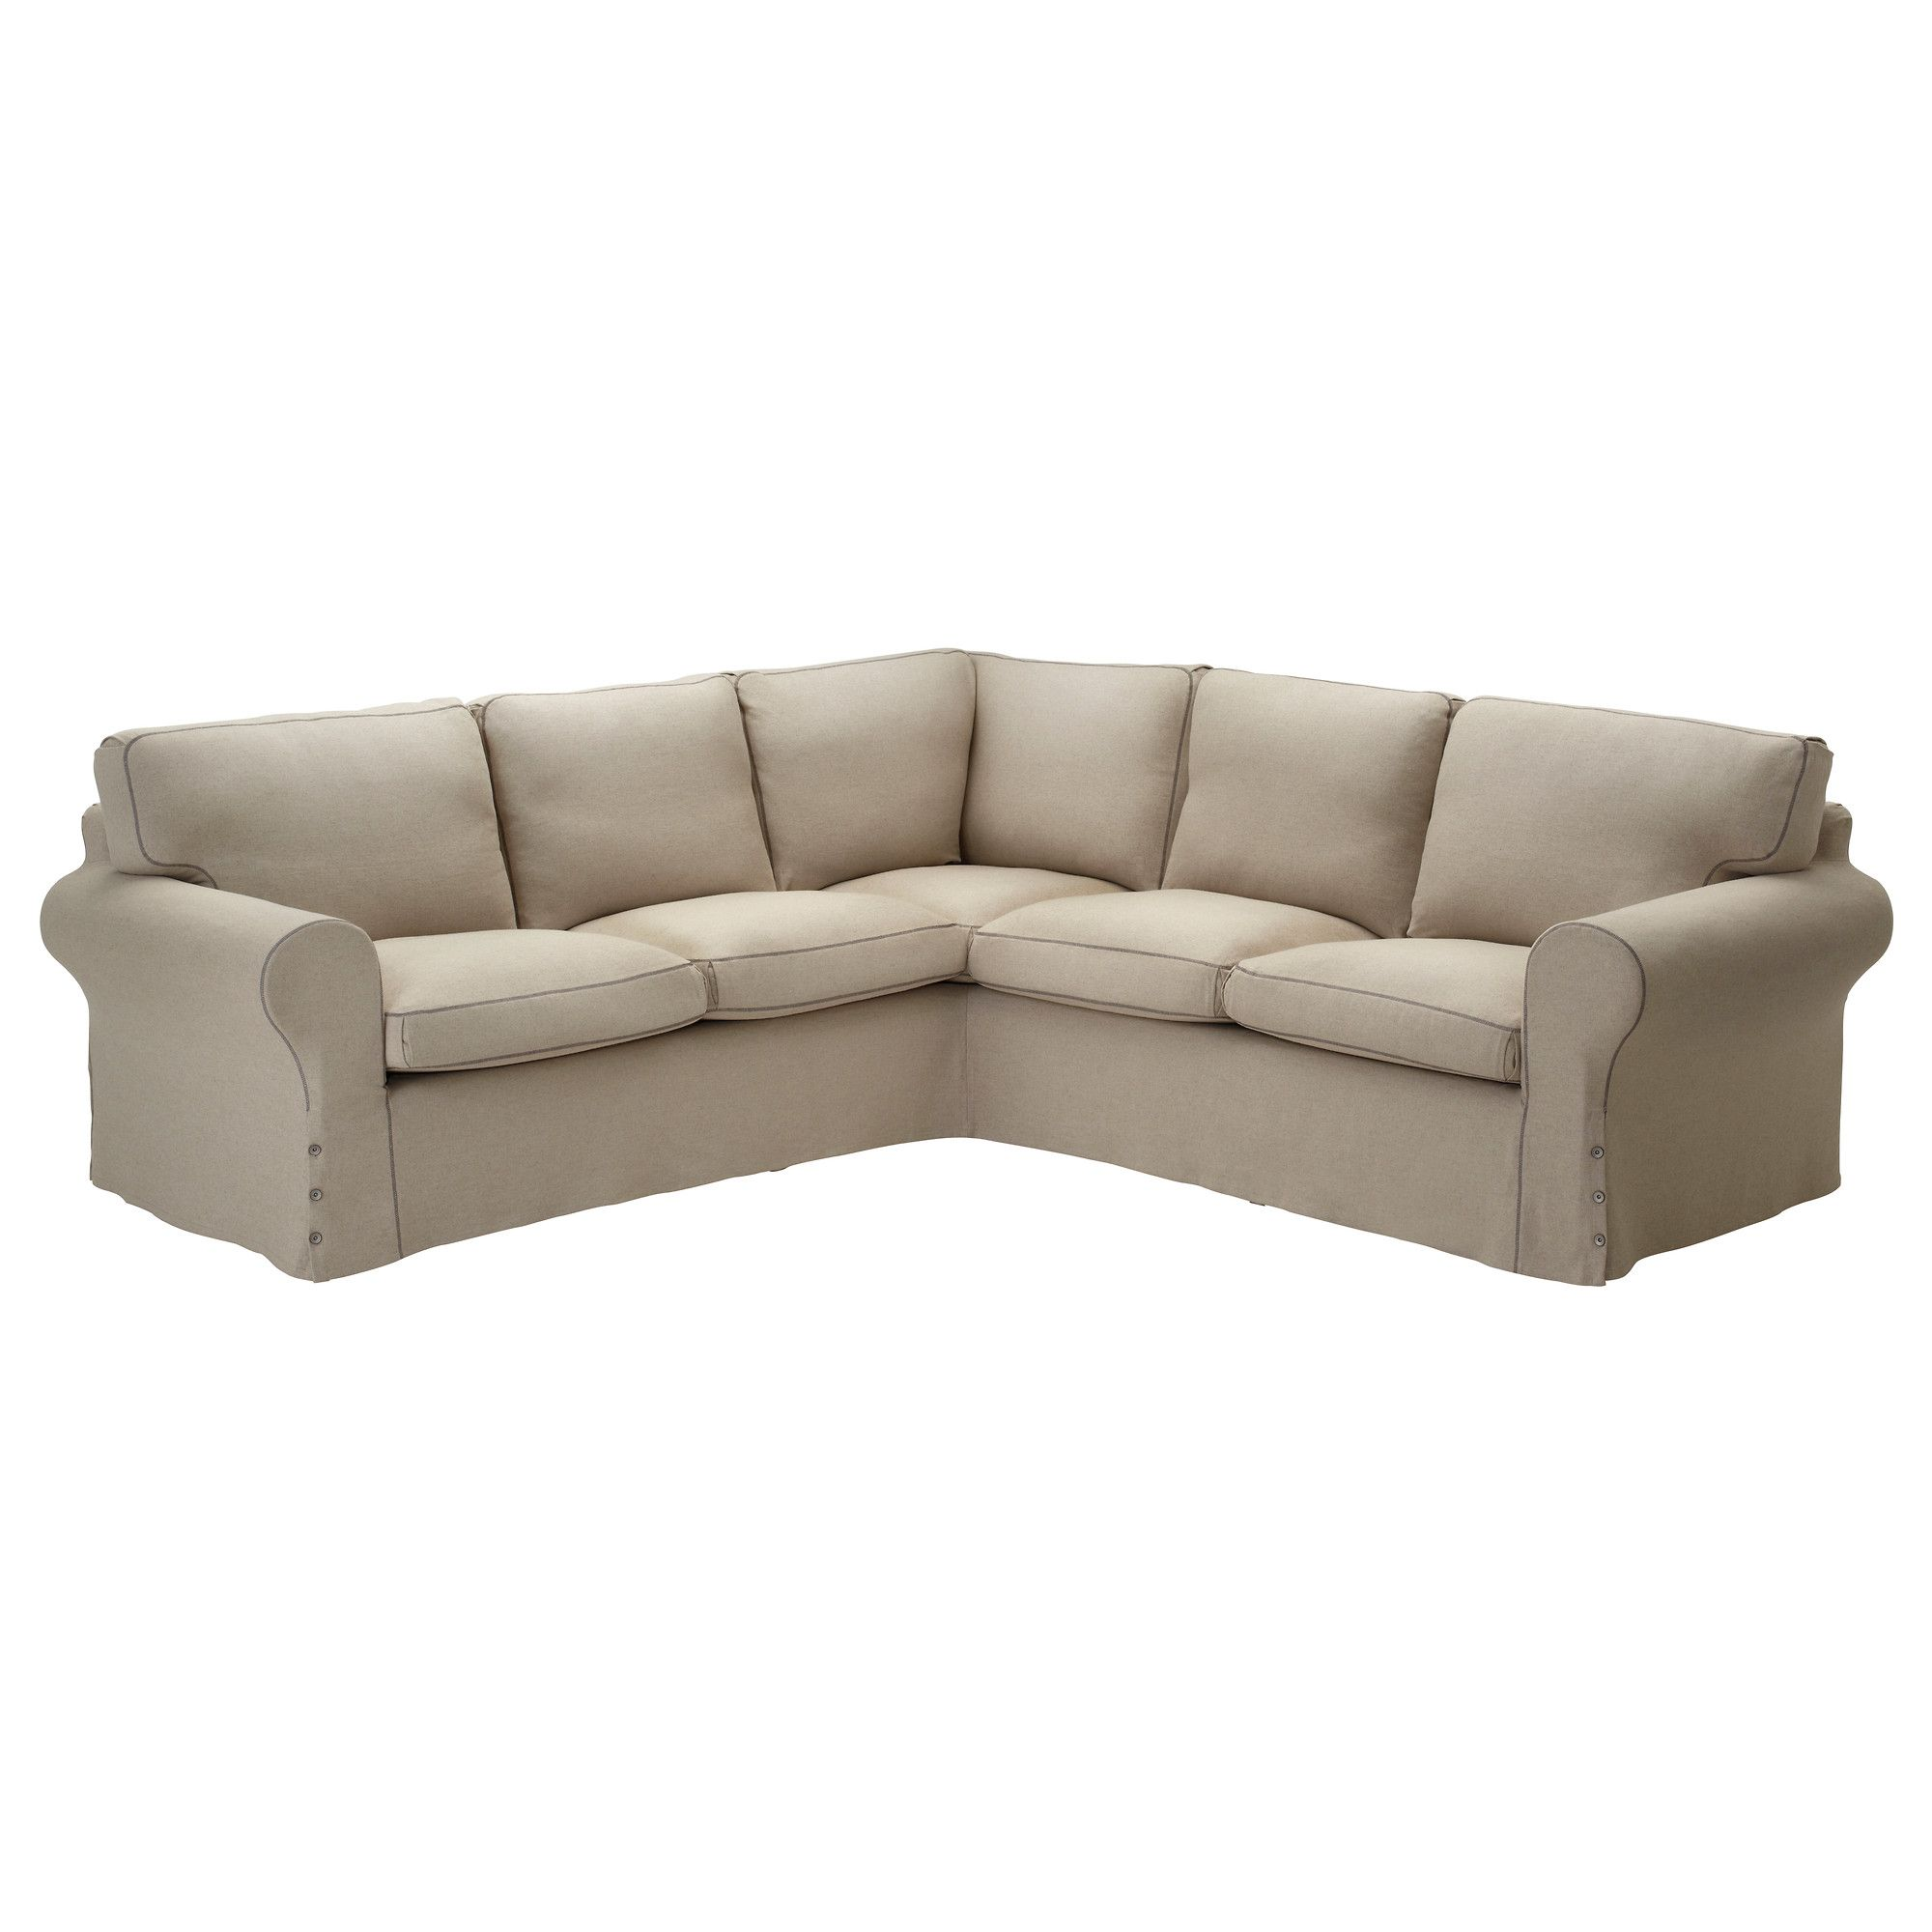 EKTORP Corner sofa 2+2 slipcover in Risane natural - from ...